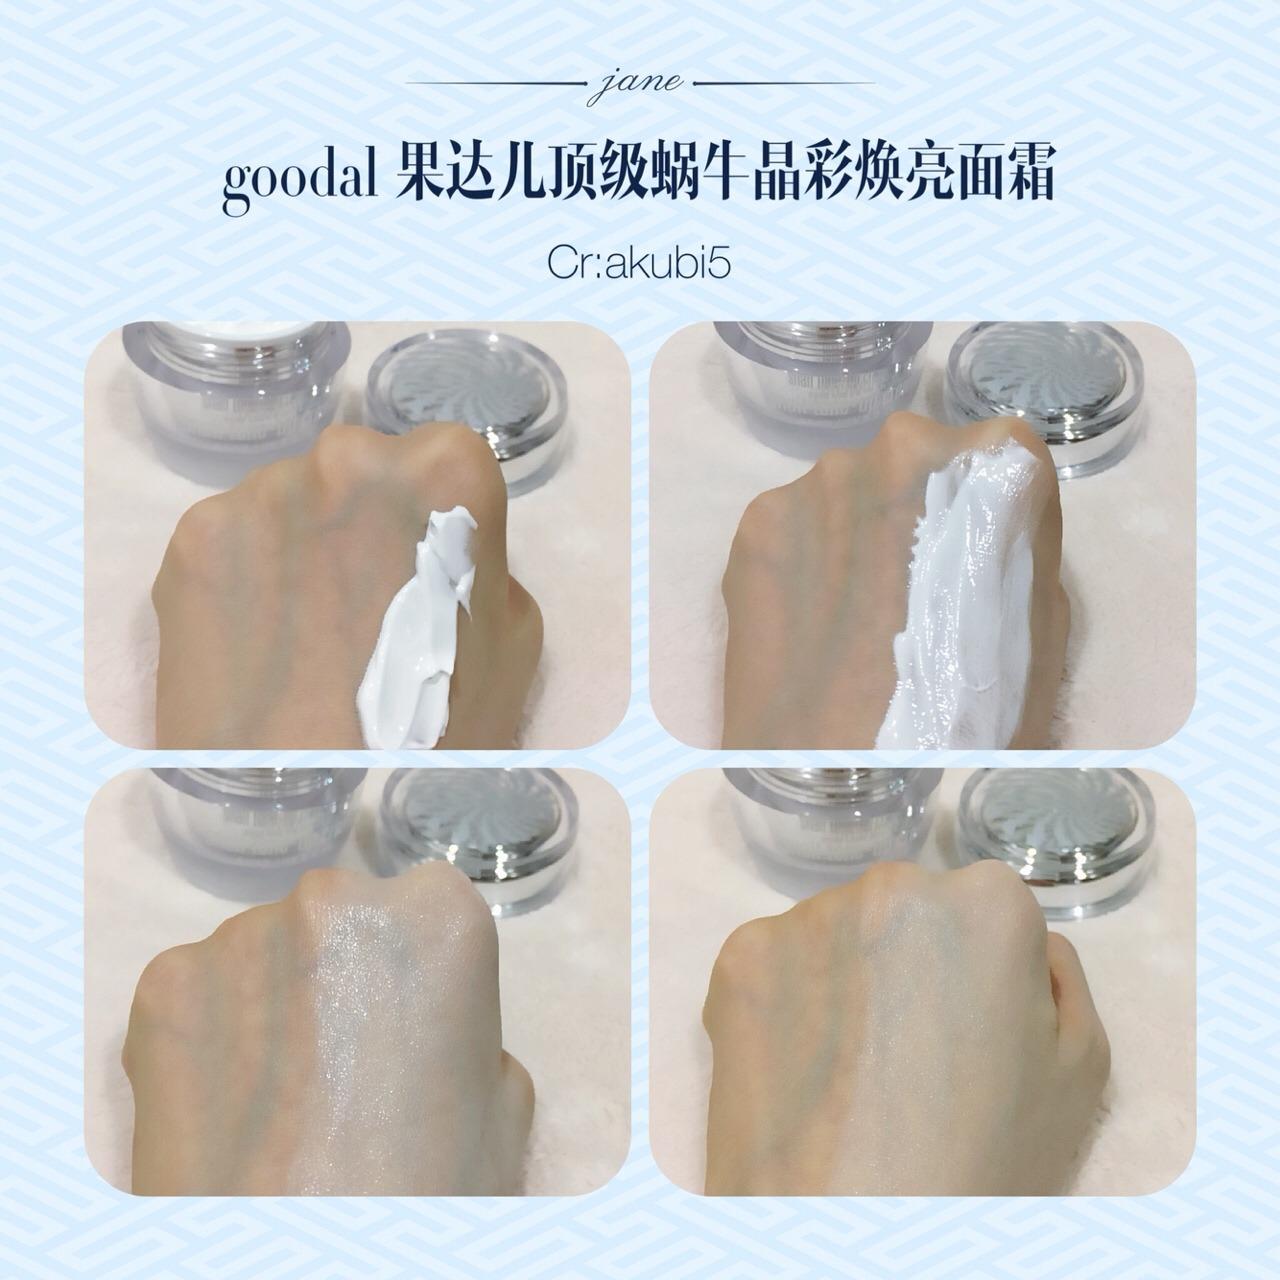 """93滕雨佳推荐的""""clio素颜霜""""——果达儿顶级蜗牛晶"""